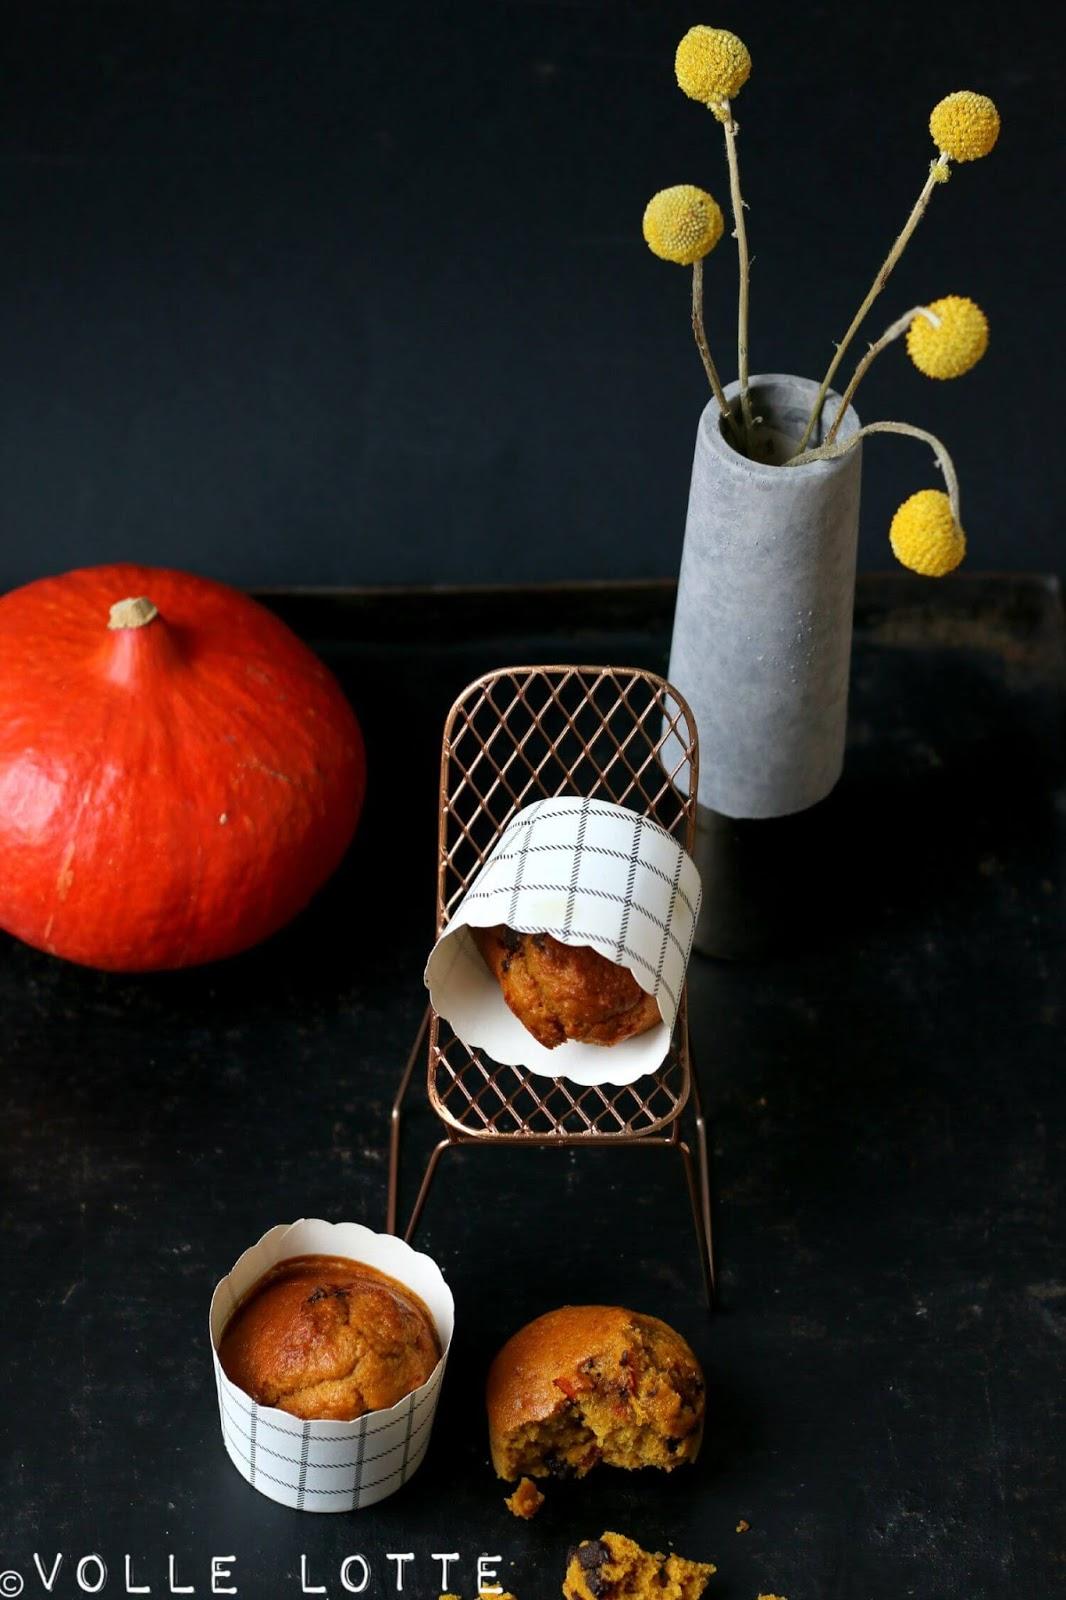 herbst da bist du wir feiern es mit k rbis schokolade muffins volle lotte. Black Bedroom Furniture Sets. Home Design Ideas